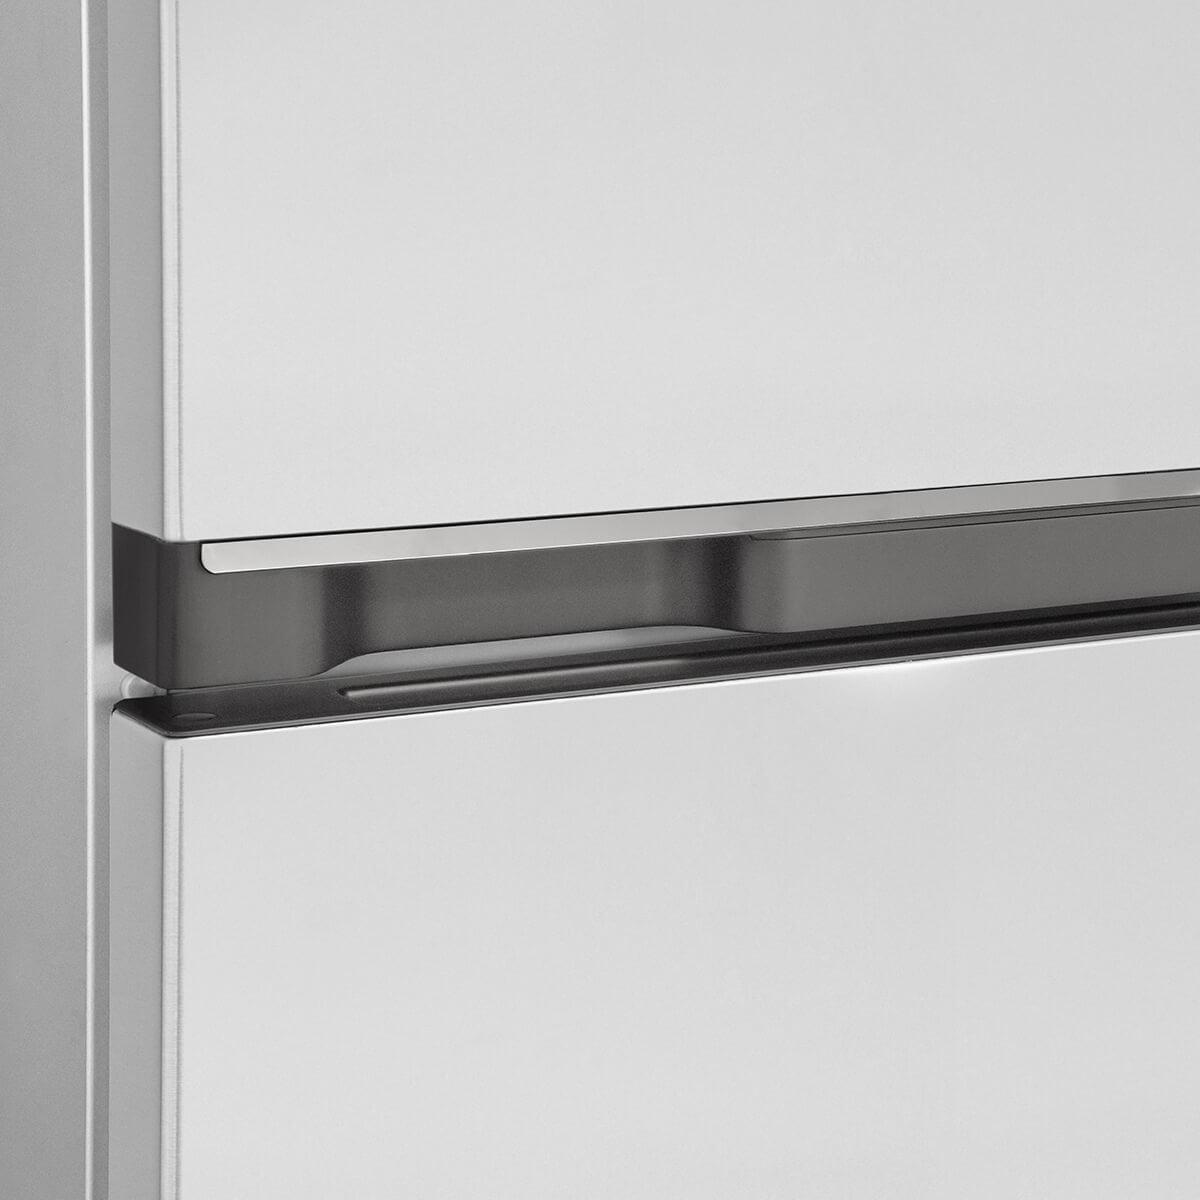 Kombinovani frižider Sharp 268 l (184+84) SJ-BB04DTXWF  spoj